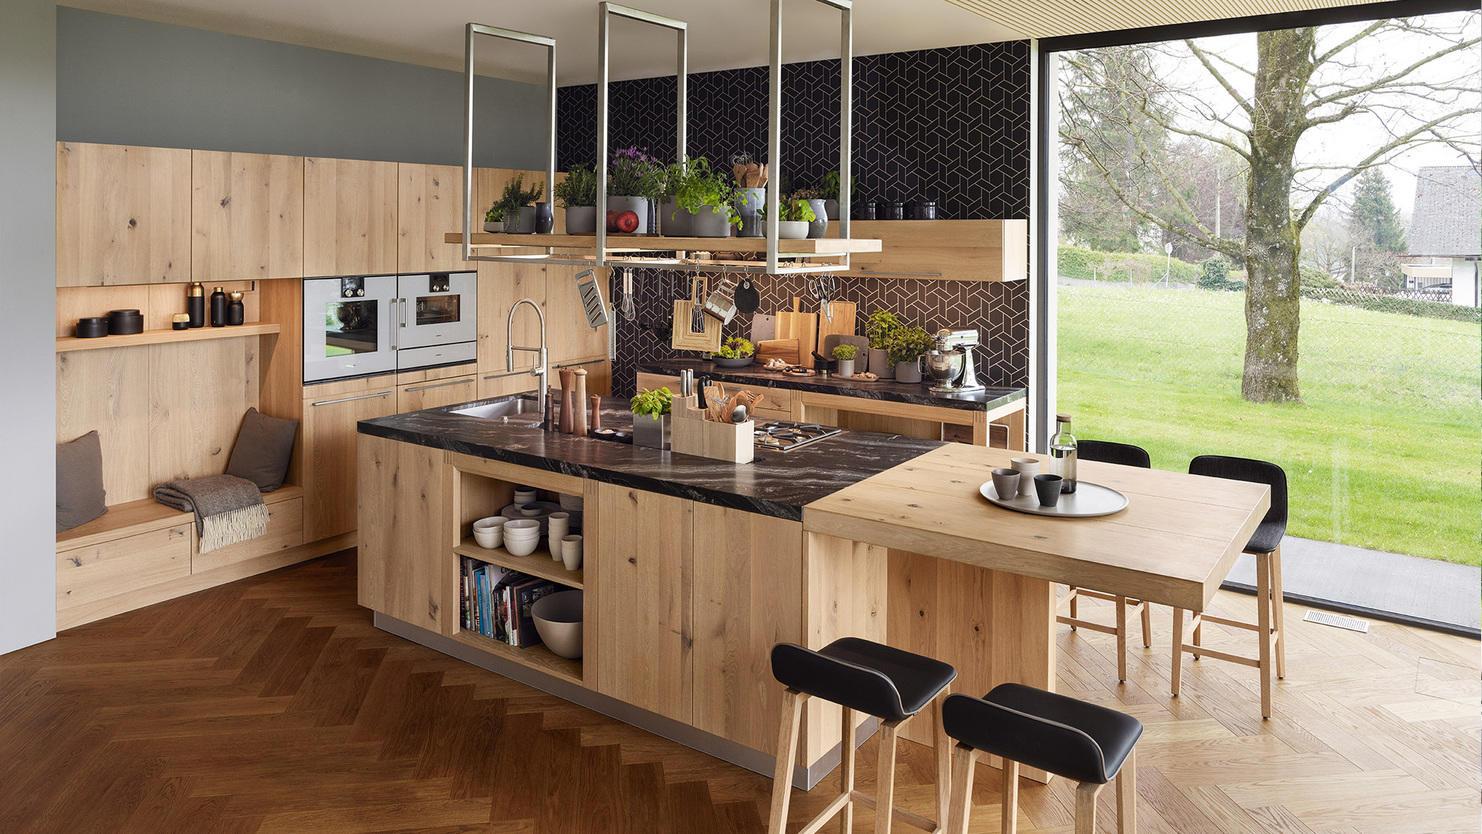 Full Size of Einbauküche Mit E Geräten Küche Kochinsel L Elektrogeräten Einrichten Büroküche Küchen Regal Wasserhahn Für Vorhänge Schneidemaschine Ohne Wohnzimmer Küche